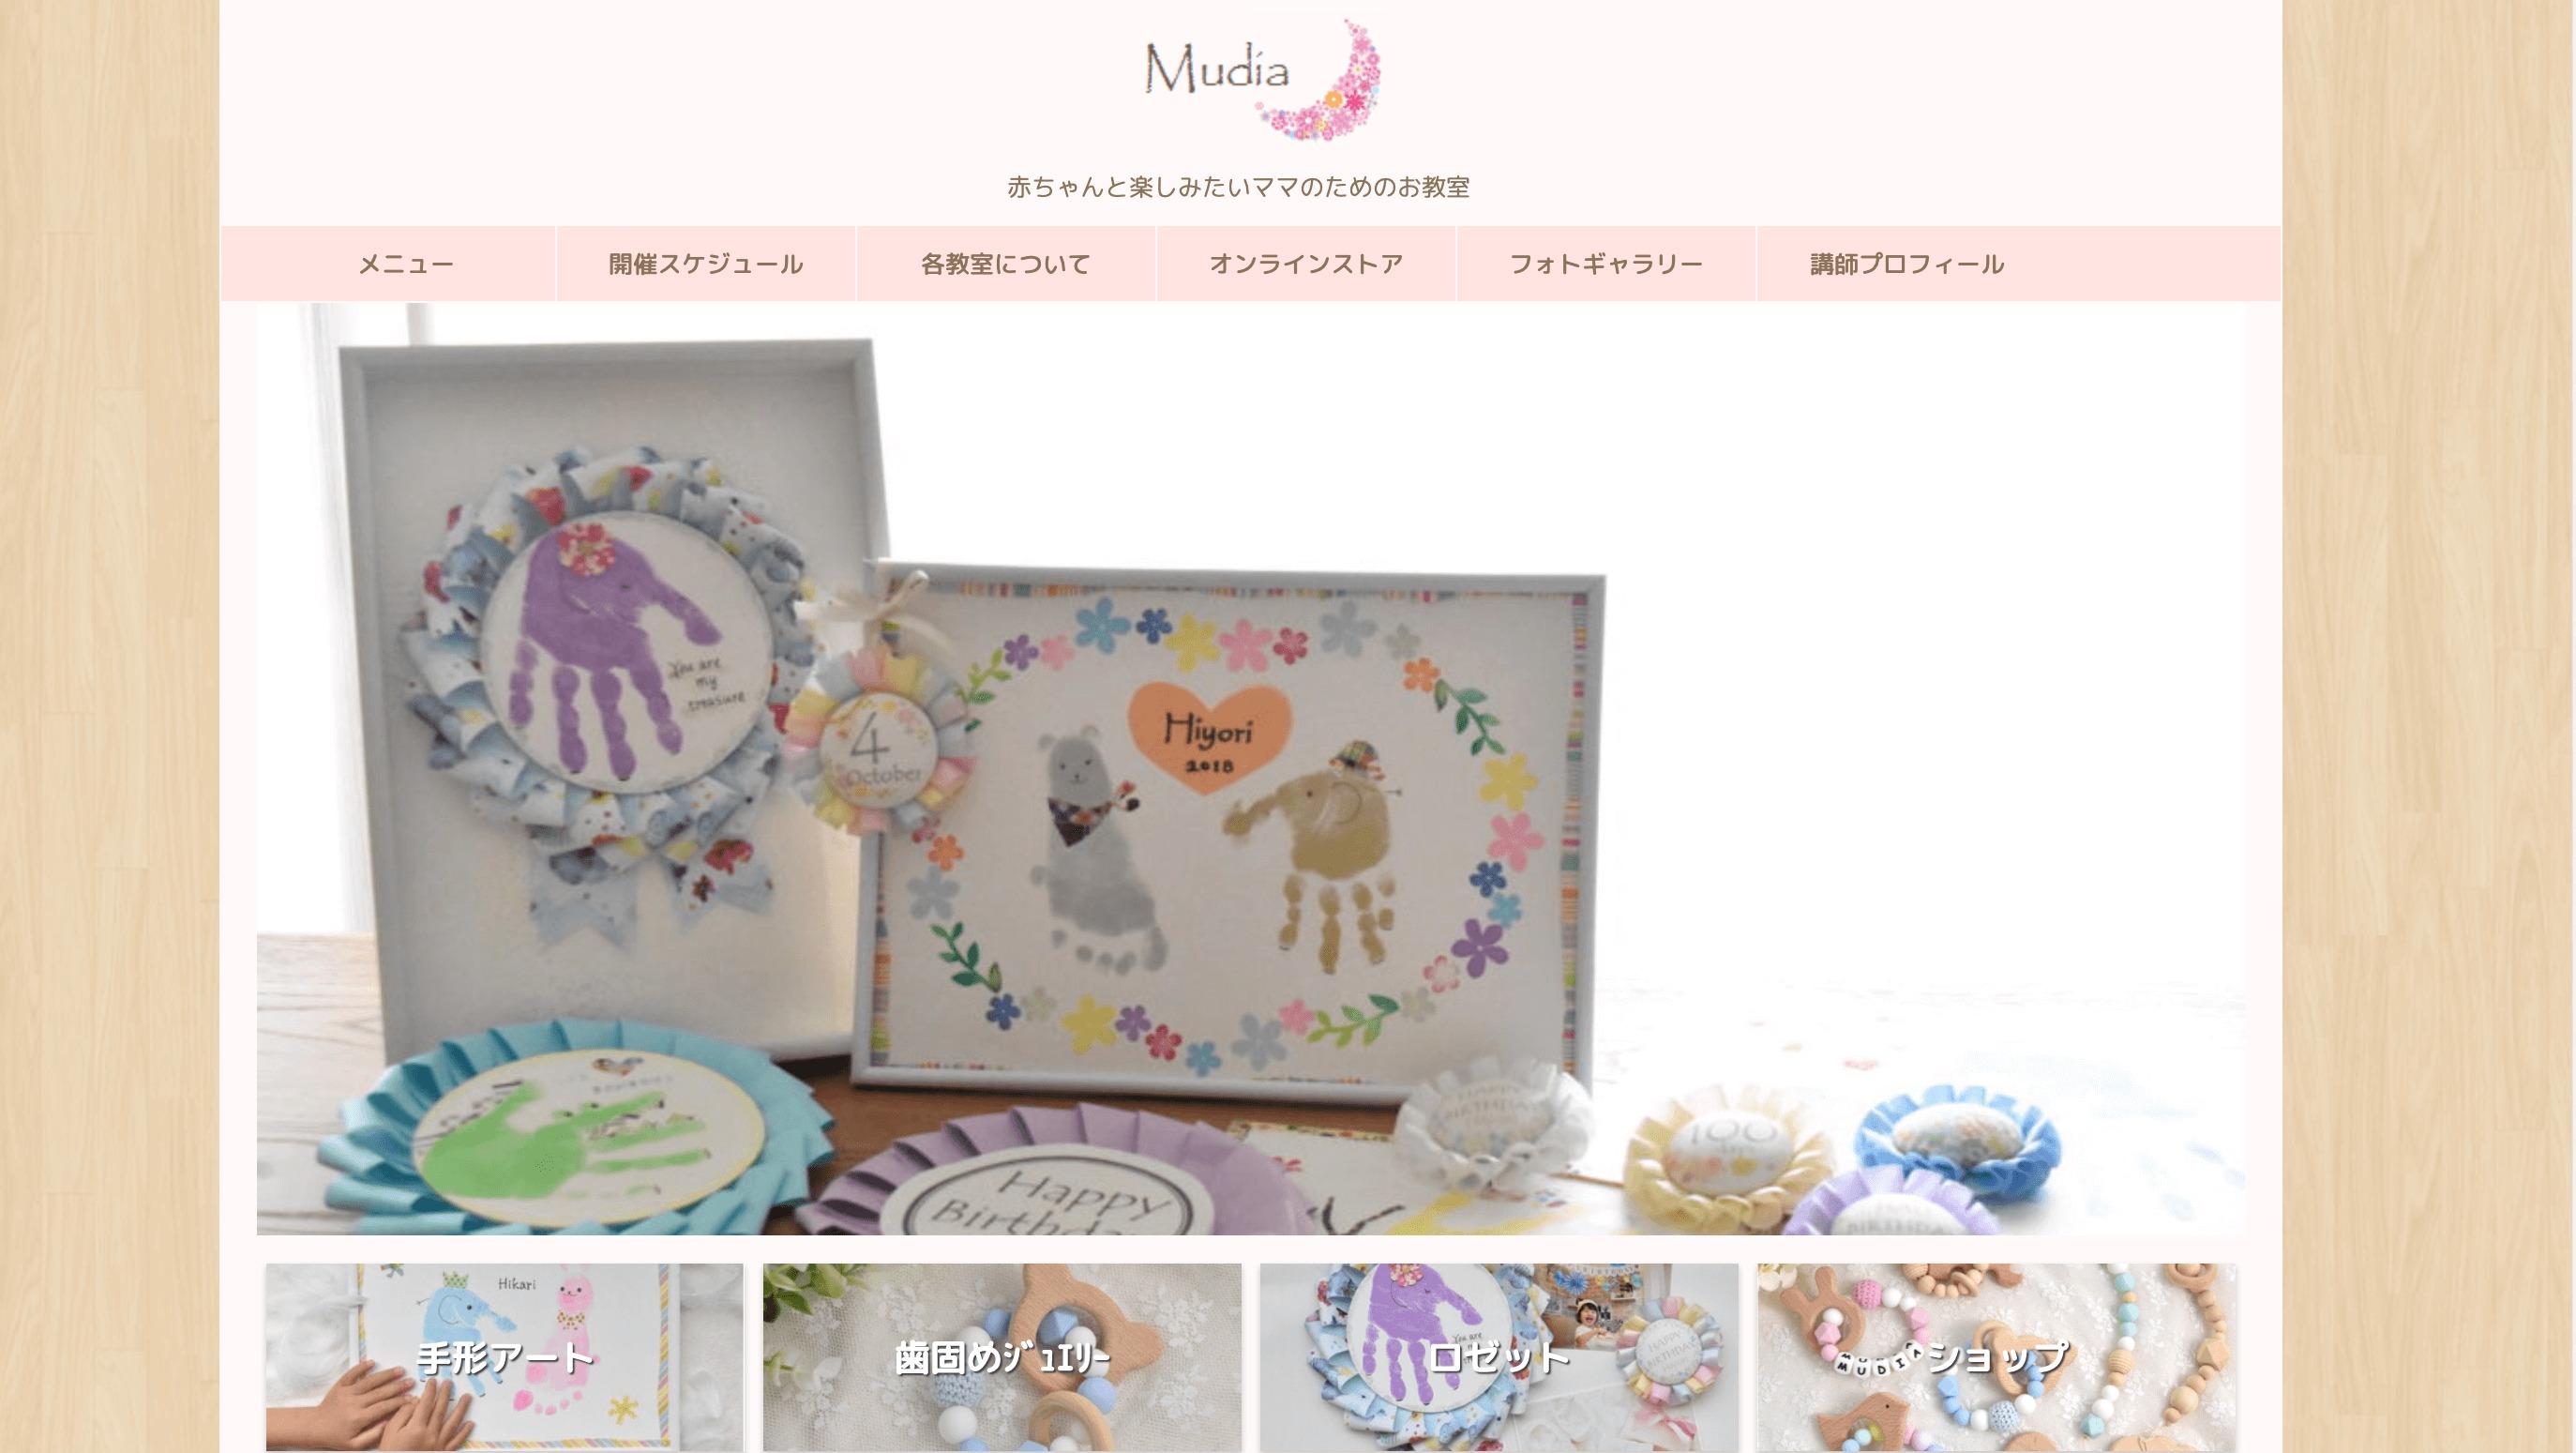 横浜川崎手形アート&歯固めジュエリー教室Mudia様のホームページ画像